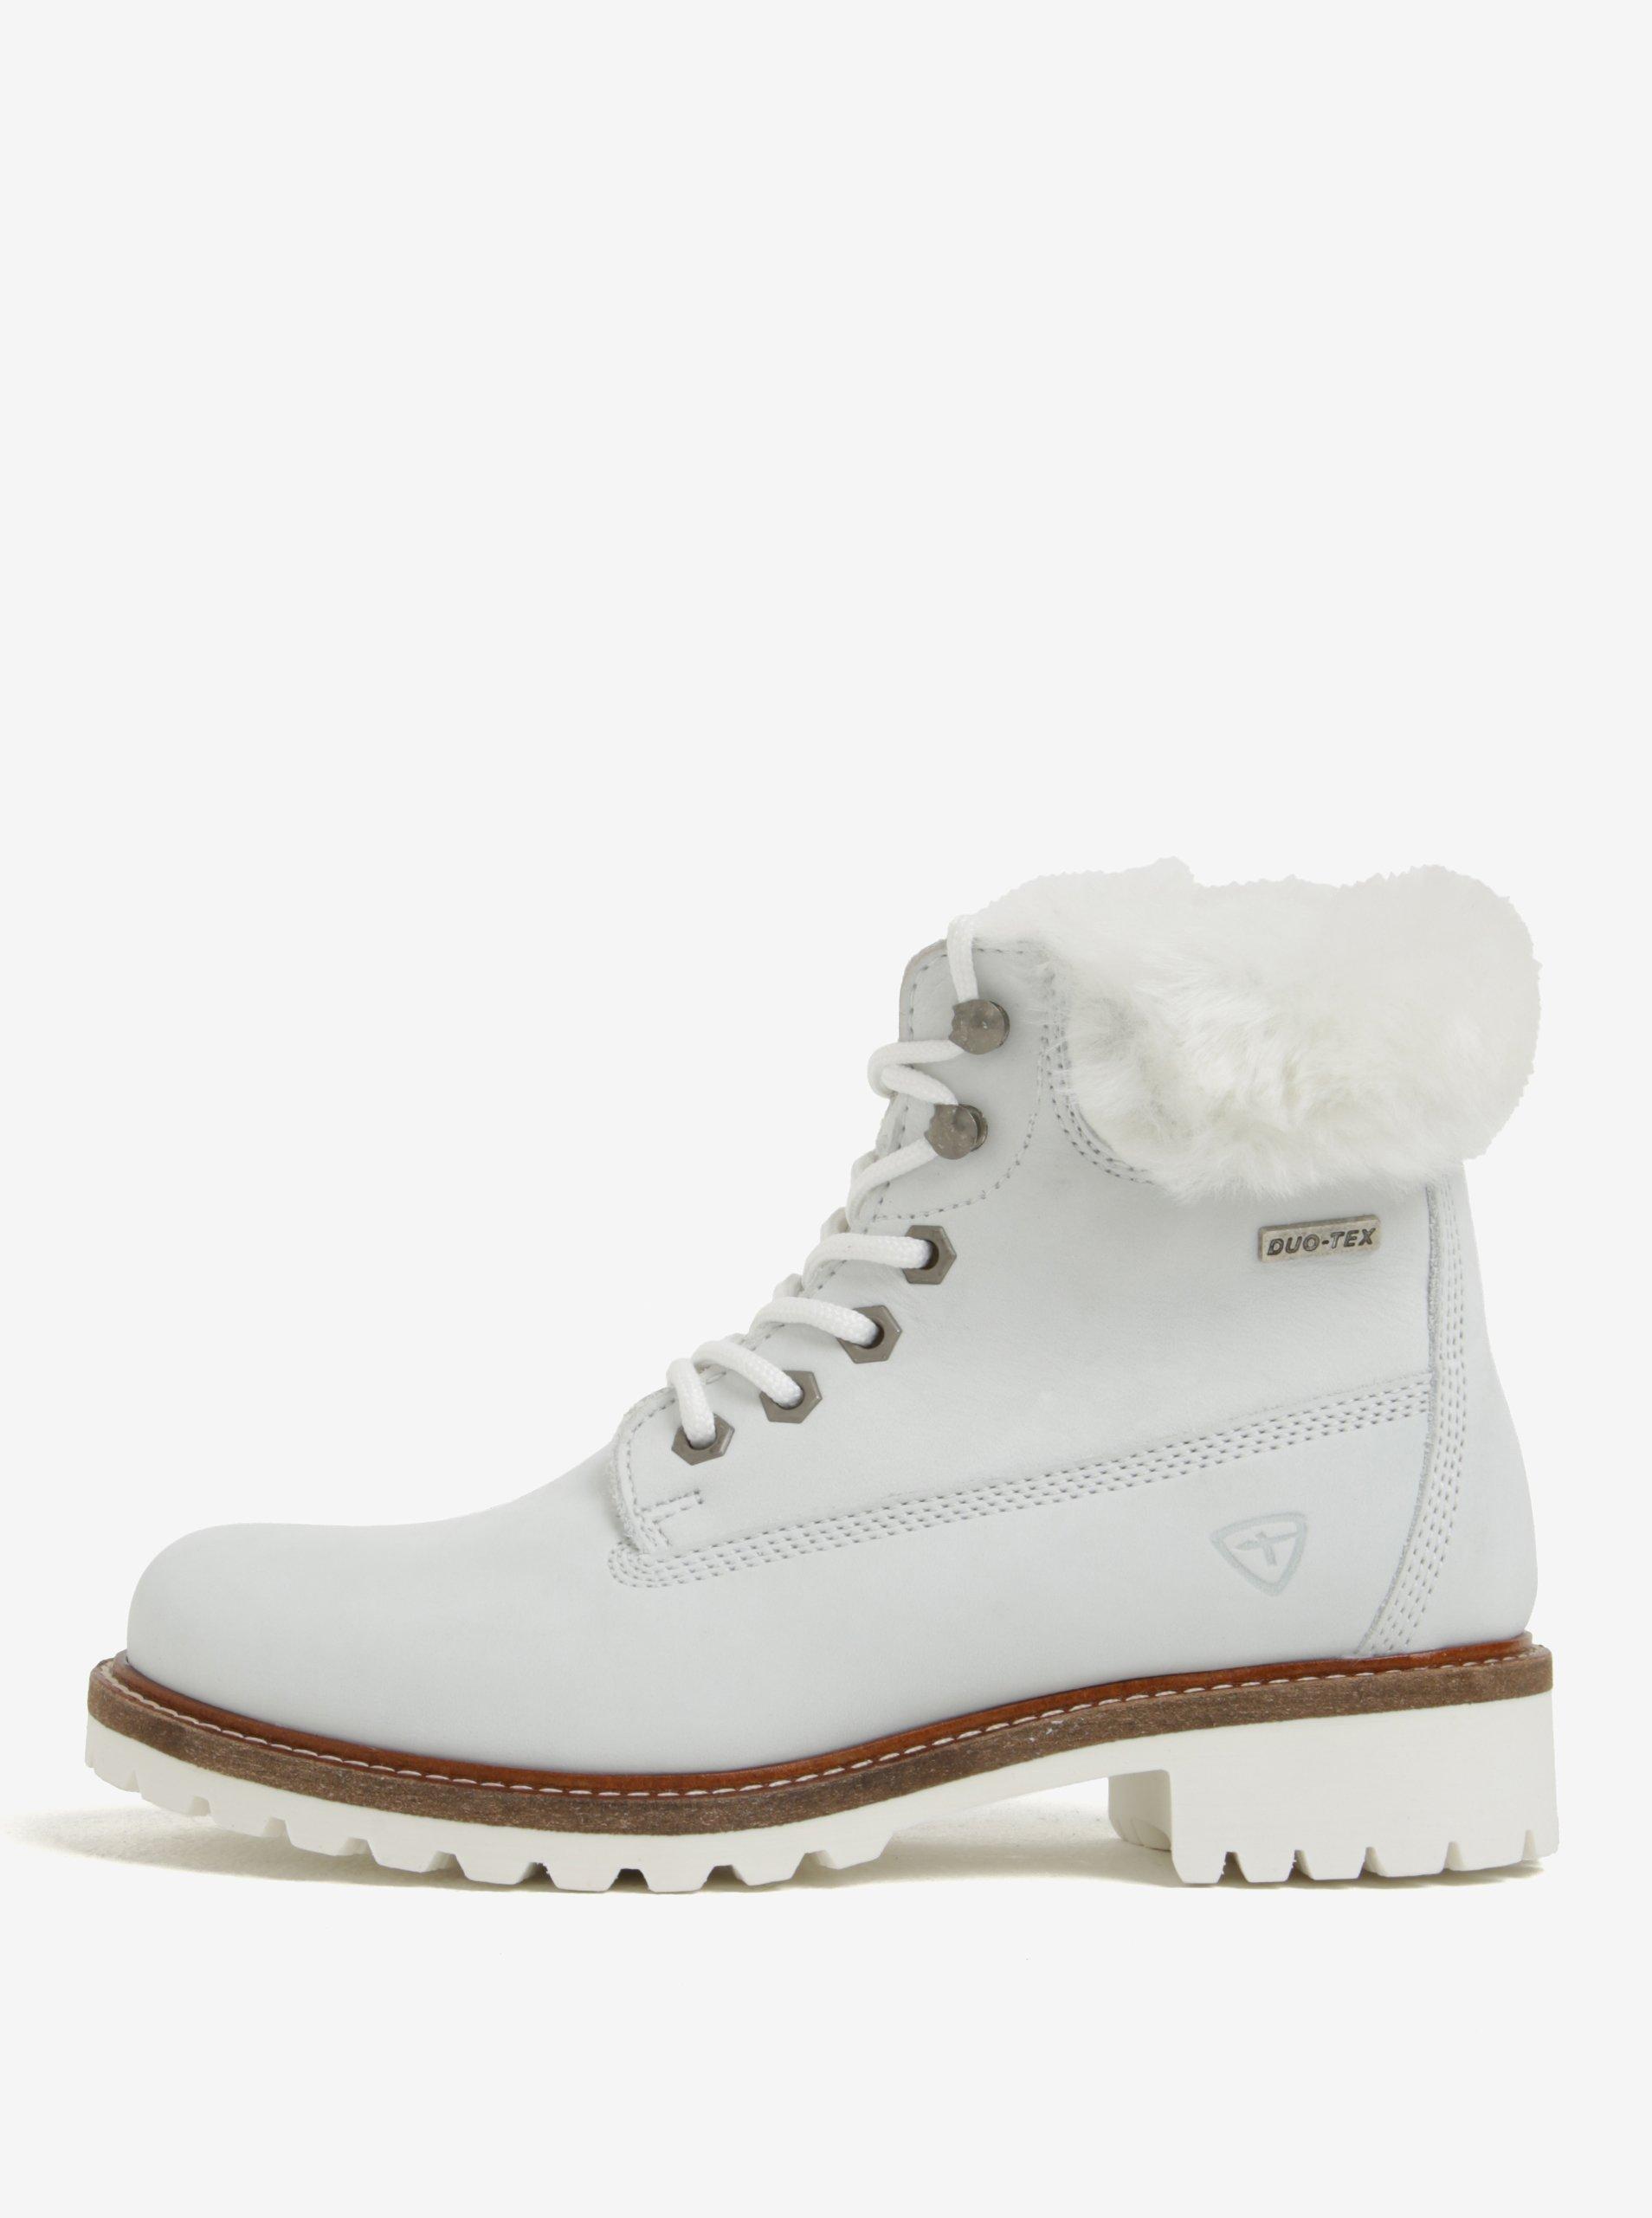 fc7f07ce3c6d Biele vodovzdorné zimné členkové kožené topánky s vlnenou podšívkou Tamaris